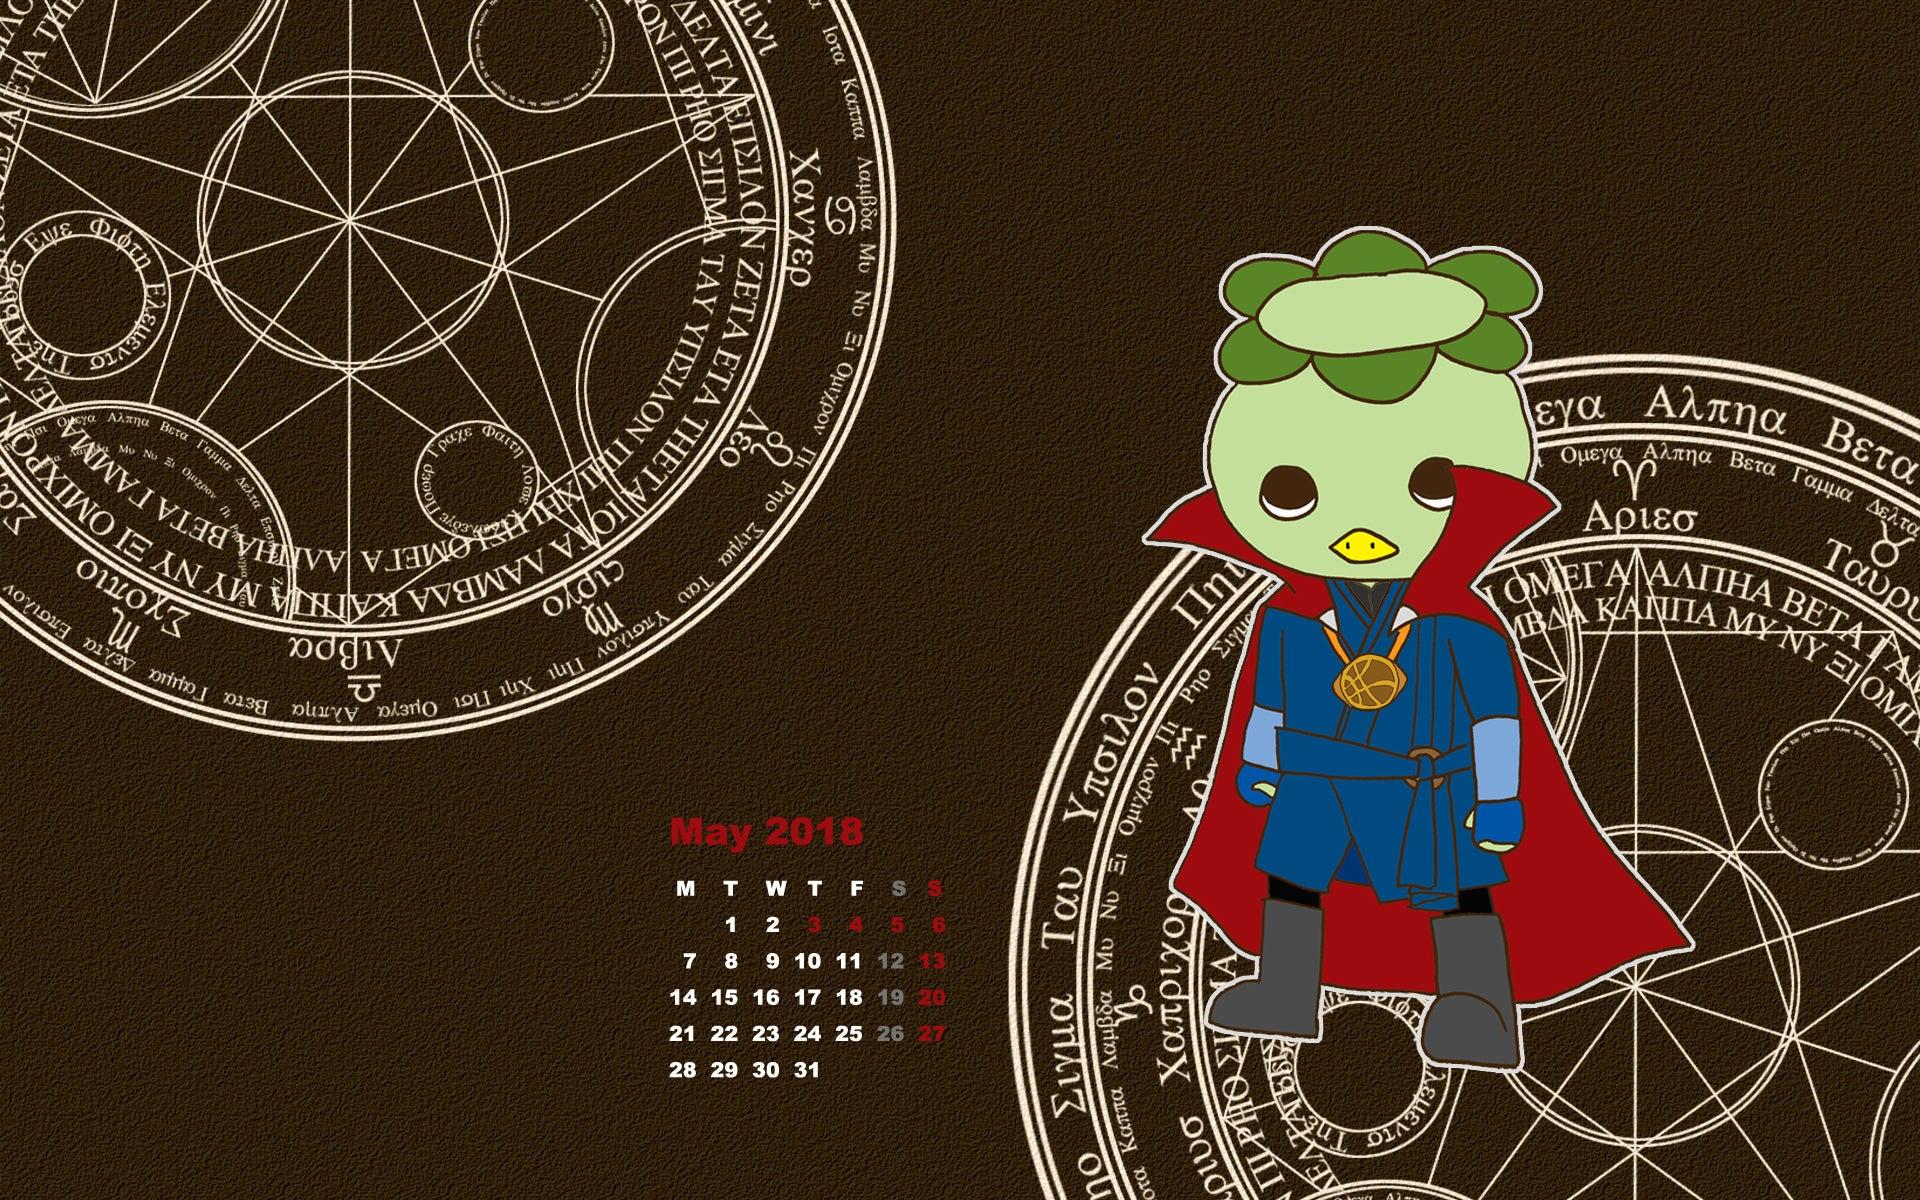 日和屋ぶろぐ2018年5月デスクトップ壁紙カレンダー無料ダウンロード